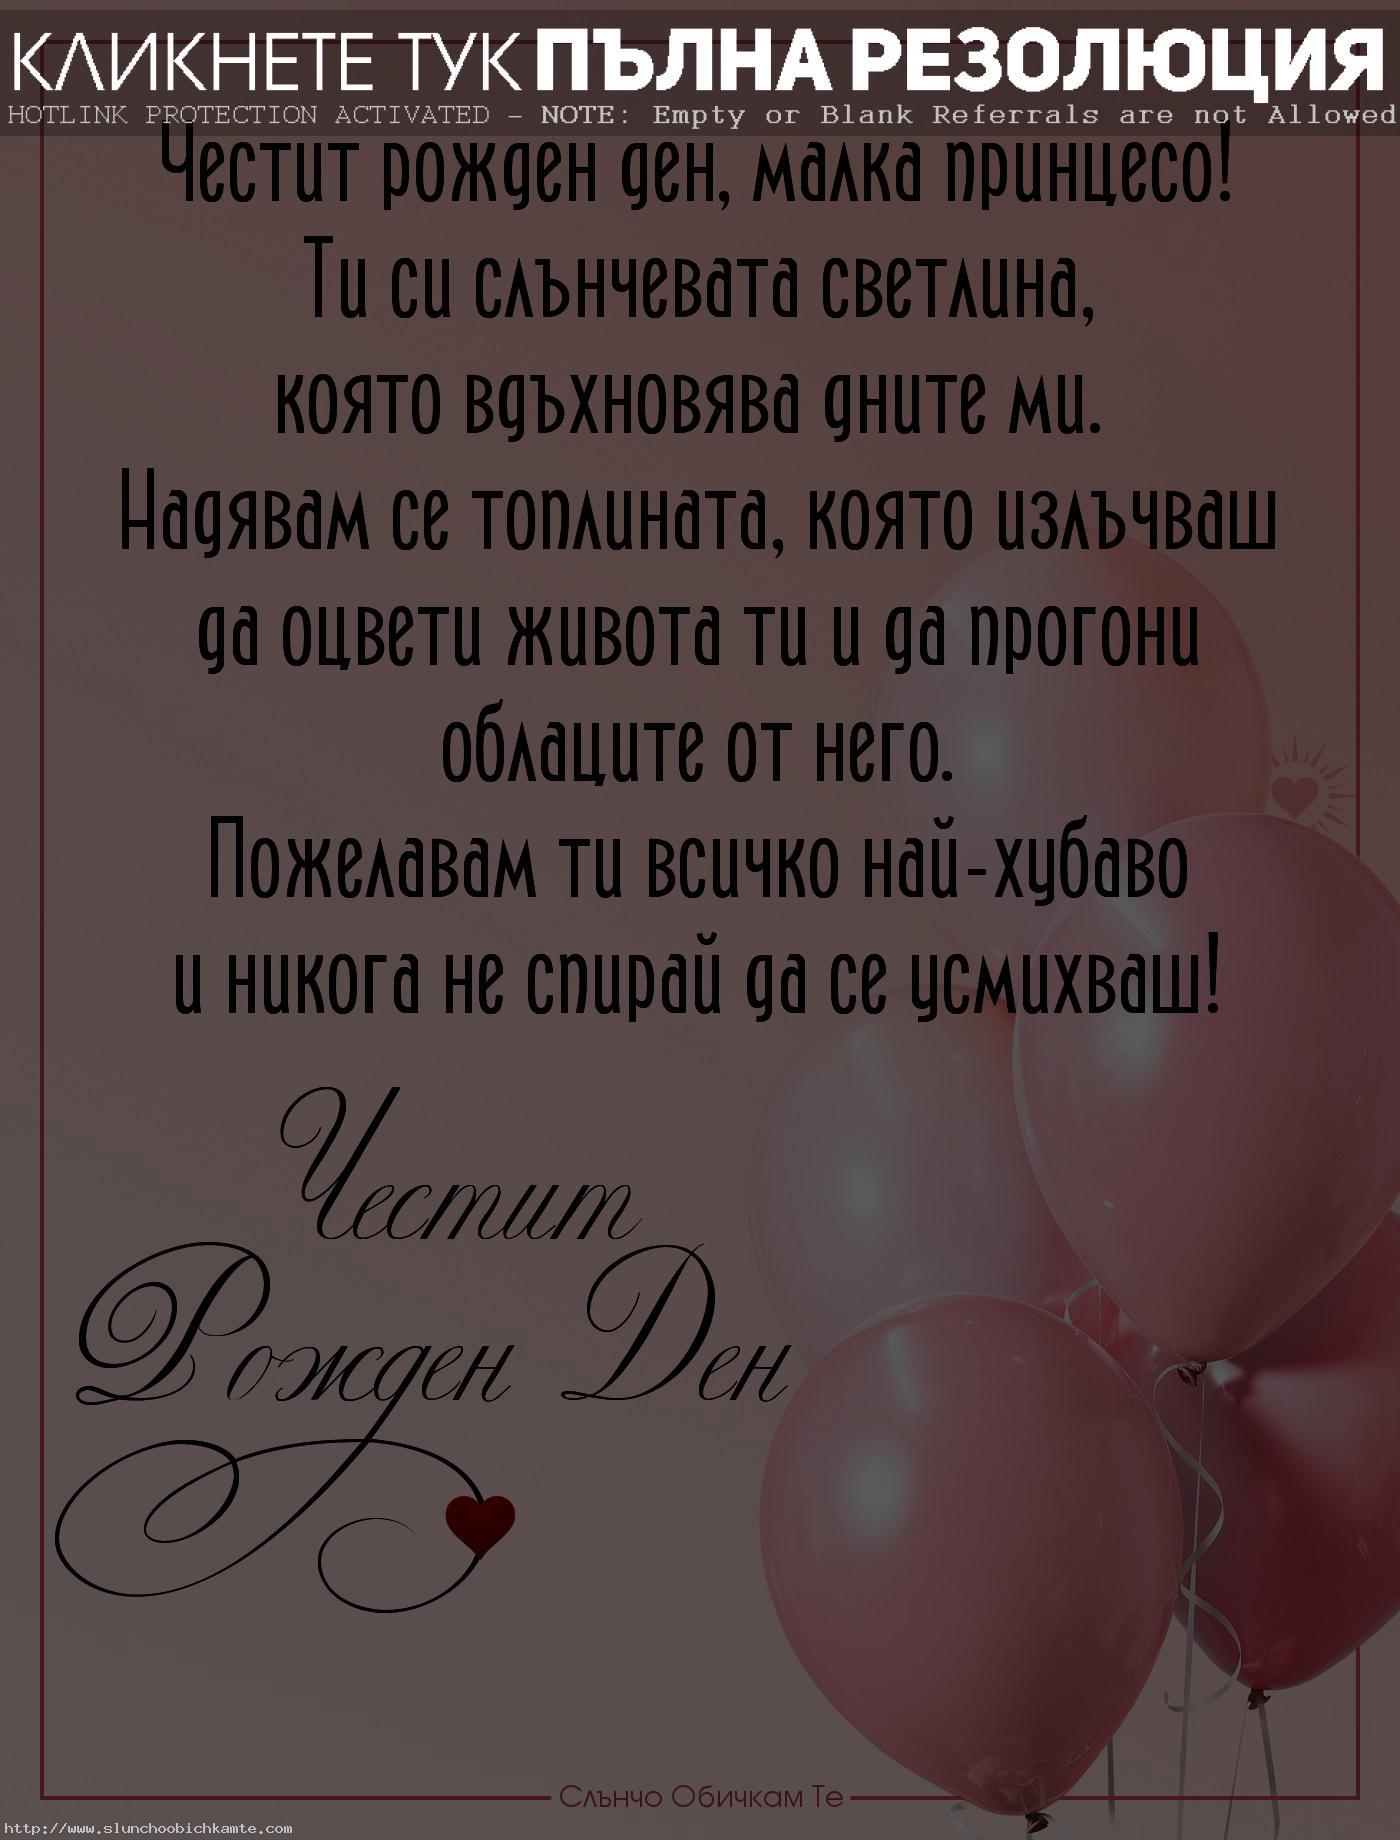 Честит рожден ден малка принцесо! Ти си слънчевата светлина, която вдъхновява дните ми. - Картички за рожден ден за дъщеря принцеса, пожелания за рожден ден, пожелавам ти всичко най-хубаво